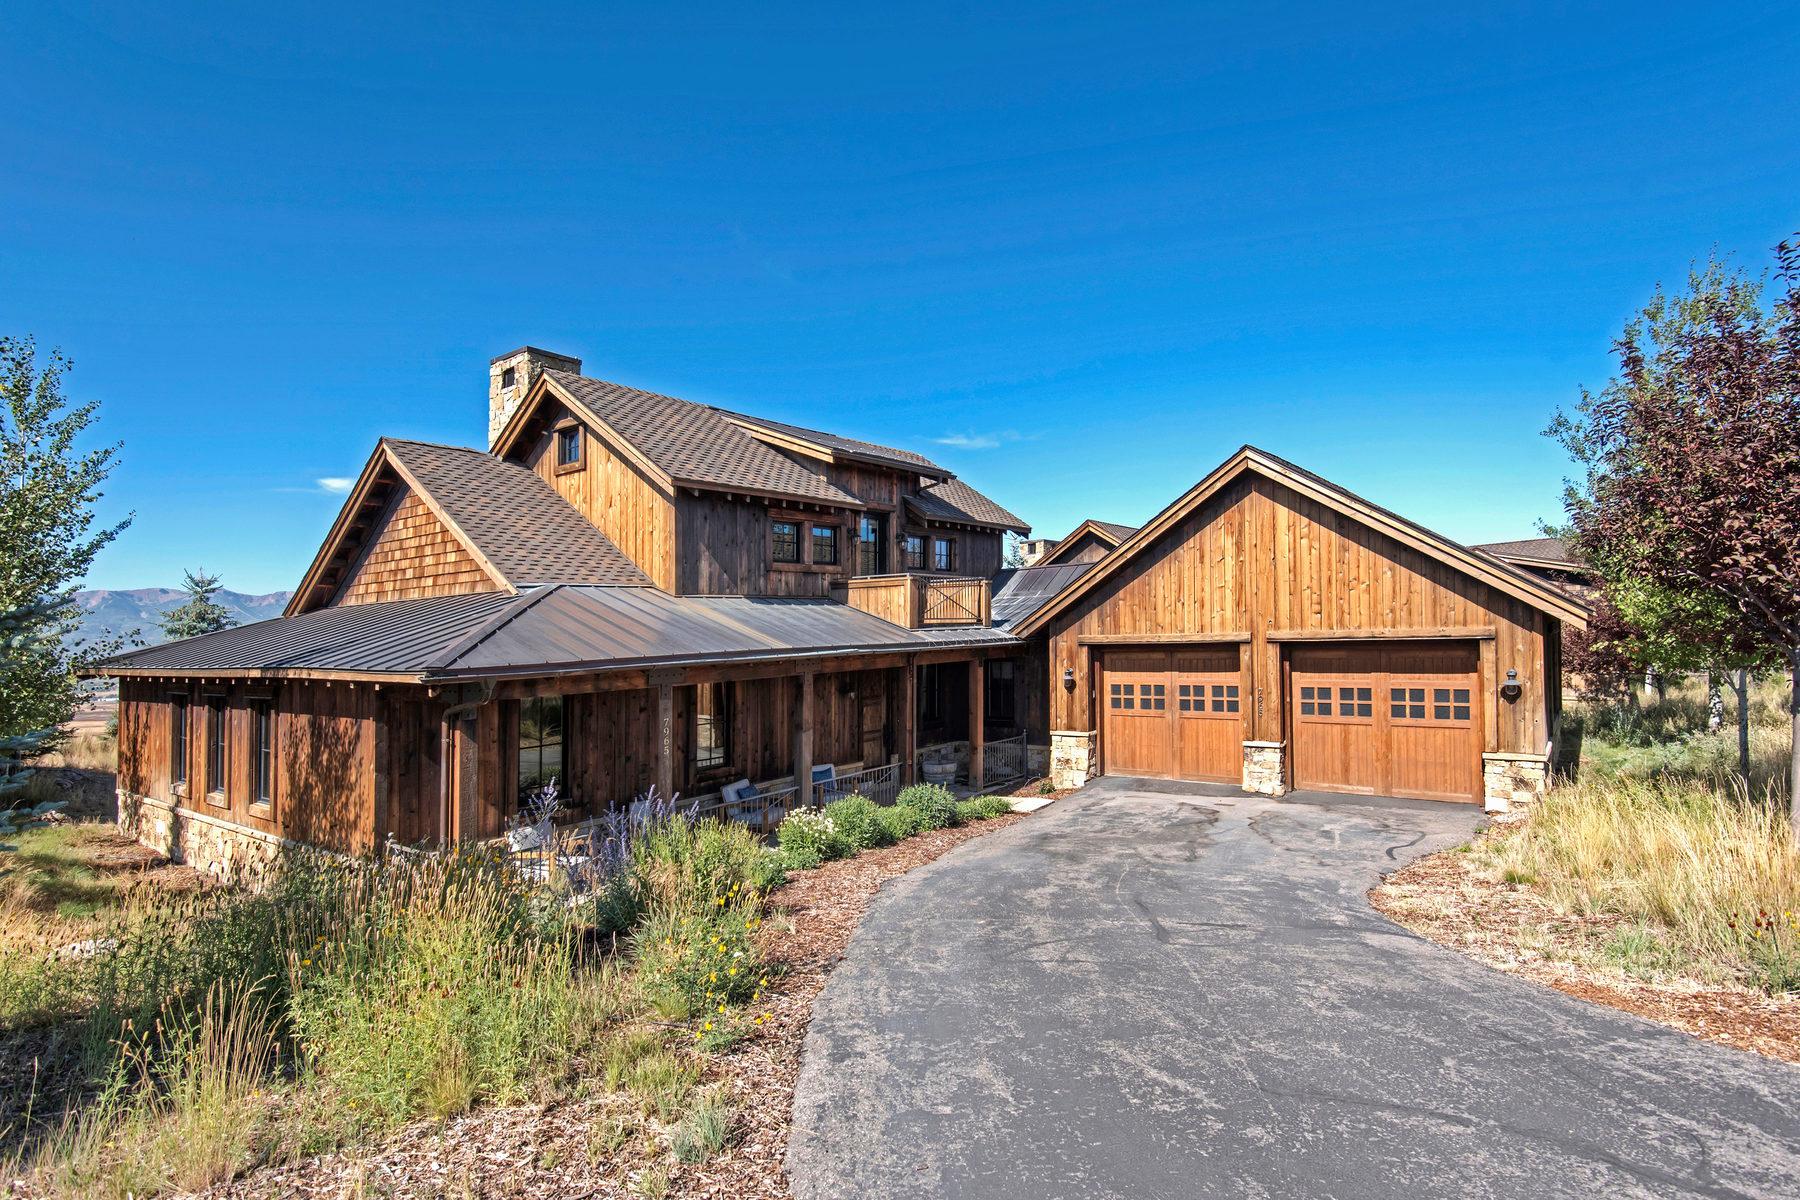 단독 가정 주택 용 매매 에 Trapper Cabin with a View 7965 Western Sky Park City, 유타, 84098 미국